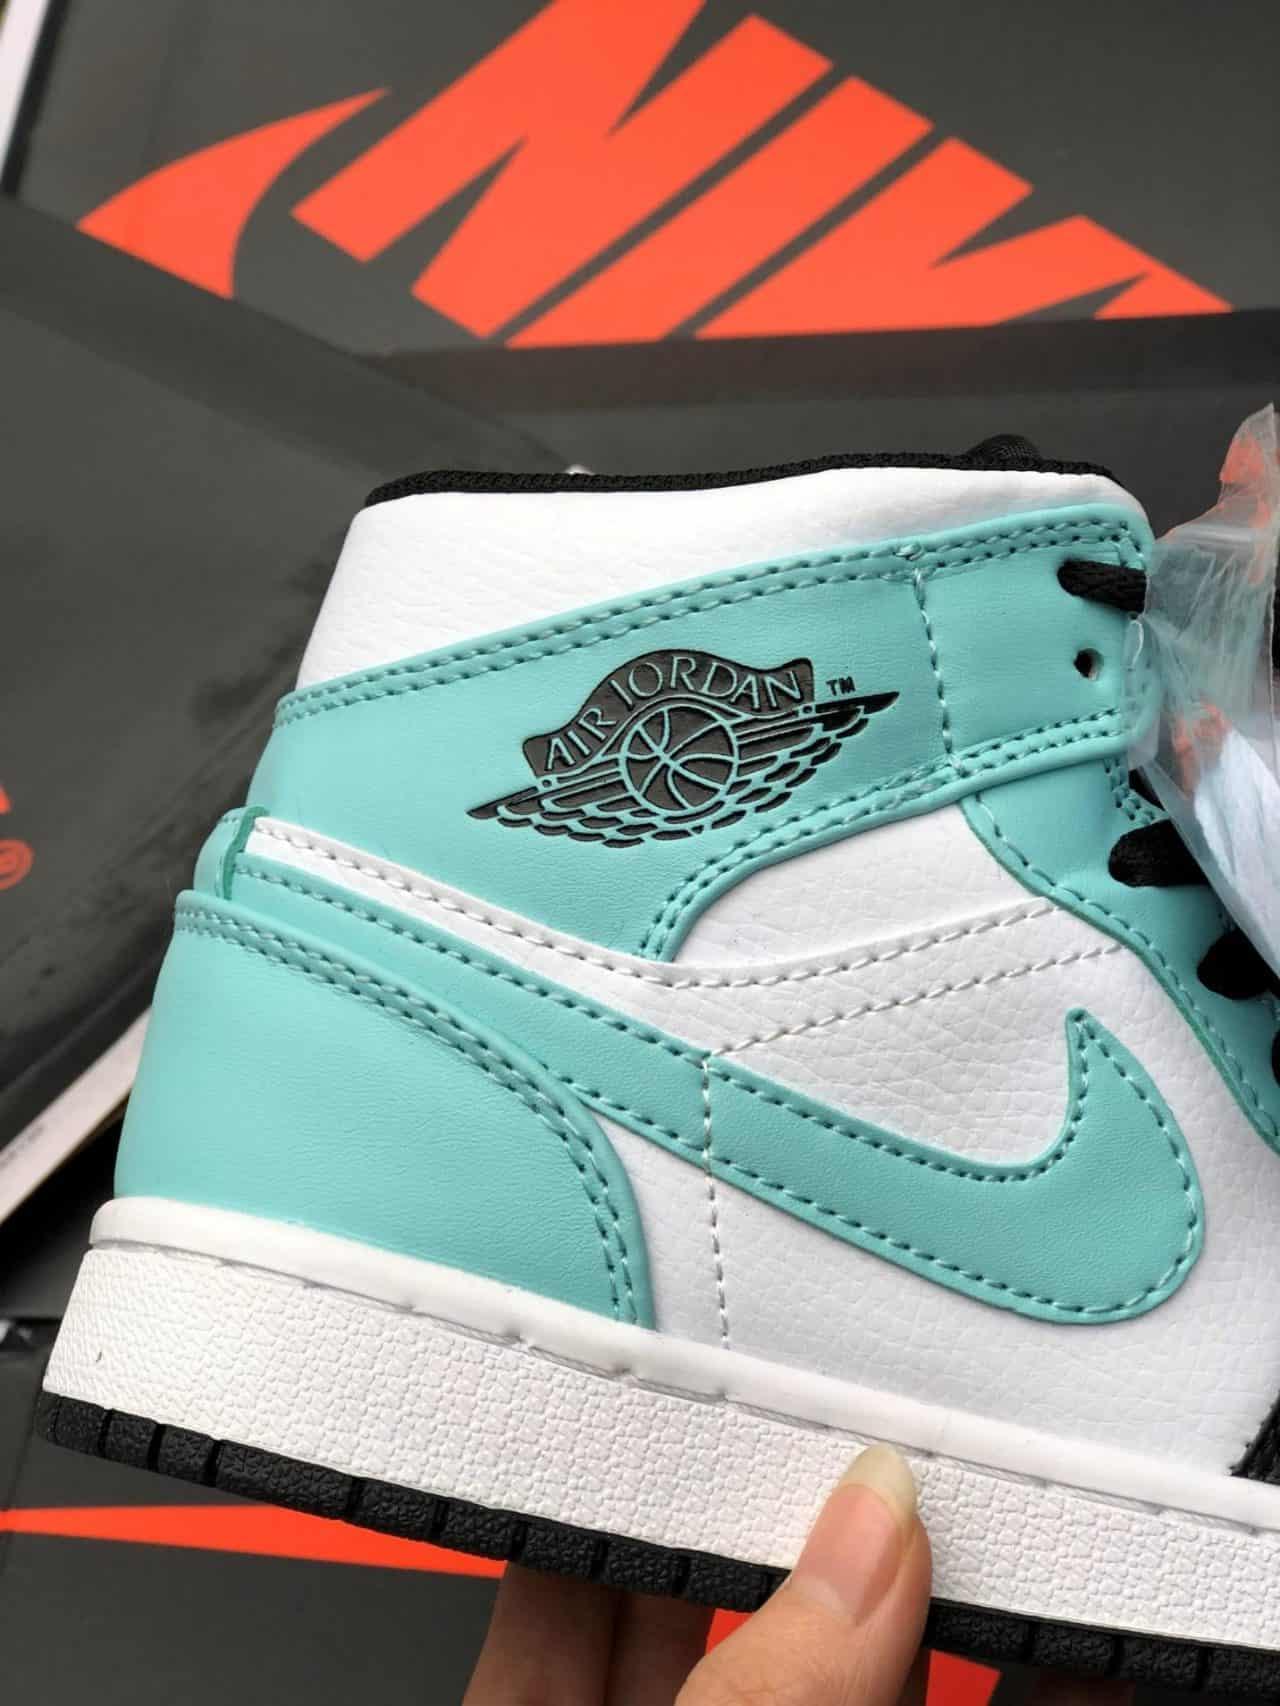 Giày Jordan 1 High Xanh Nhạt rep 1:1 là mẫu được nhiều bạn mê Sneaker săn đón